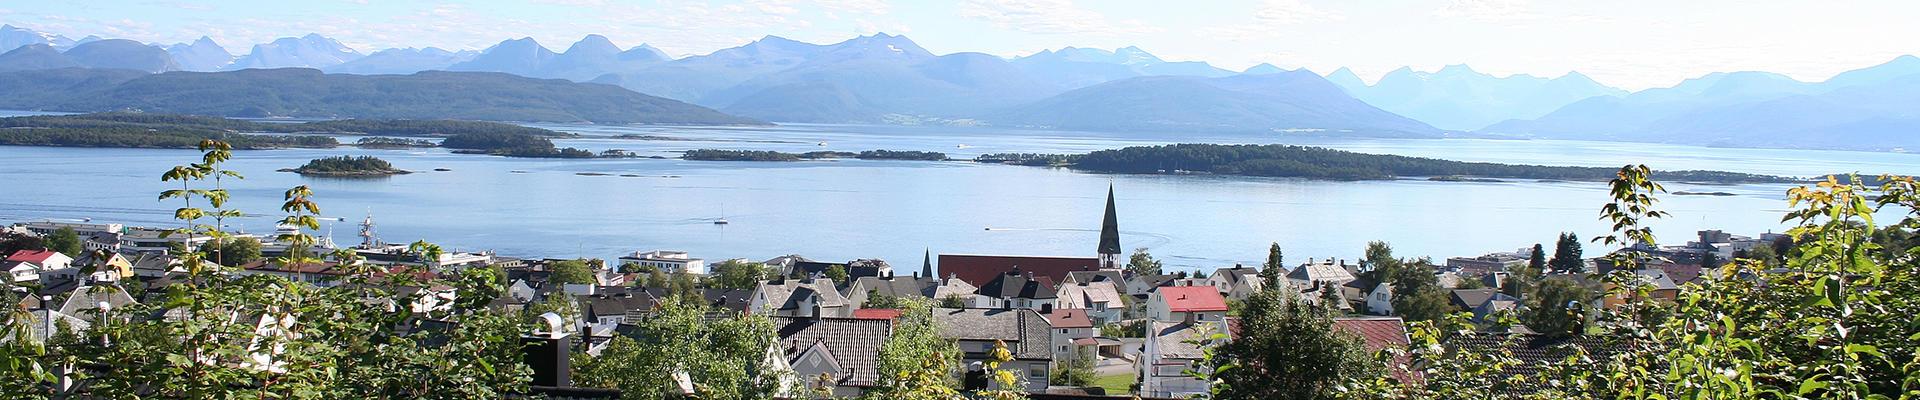 FO Møre og Romsdal